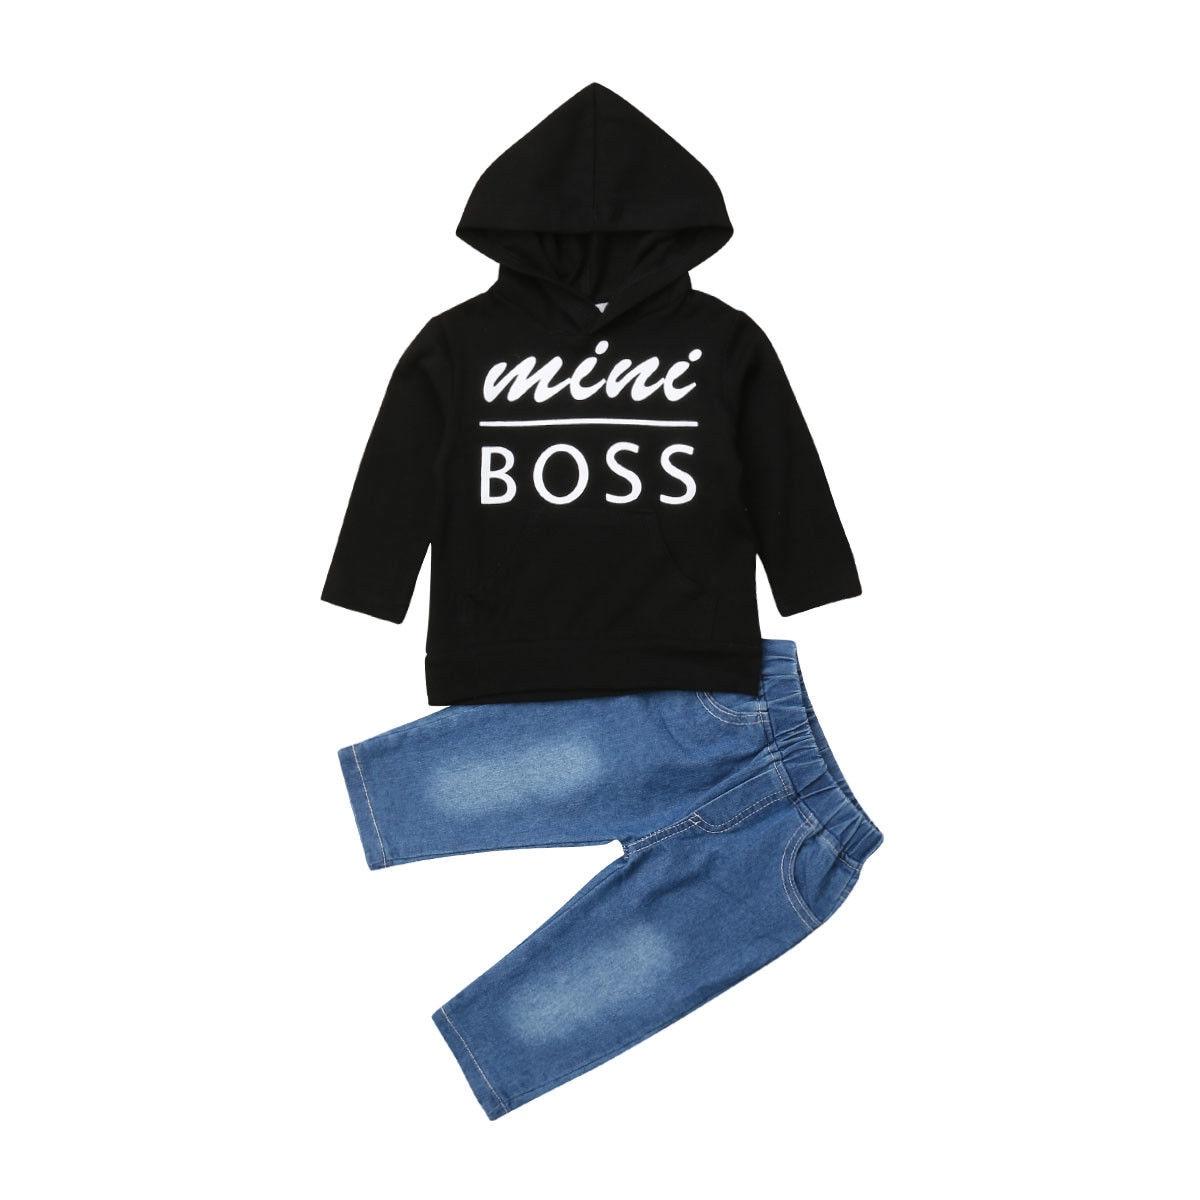 ميني بوس طفل طفل الفتيان الملابس مجموعة الأطفال ملابس سوداء طويلة الأكمام مقنعين T قميص قمم + الدنيم السراويل وتتسابق